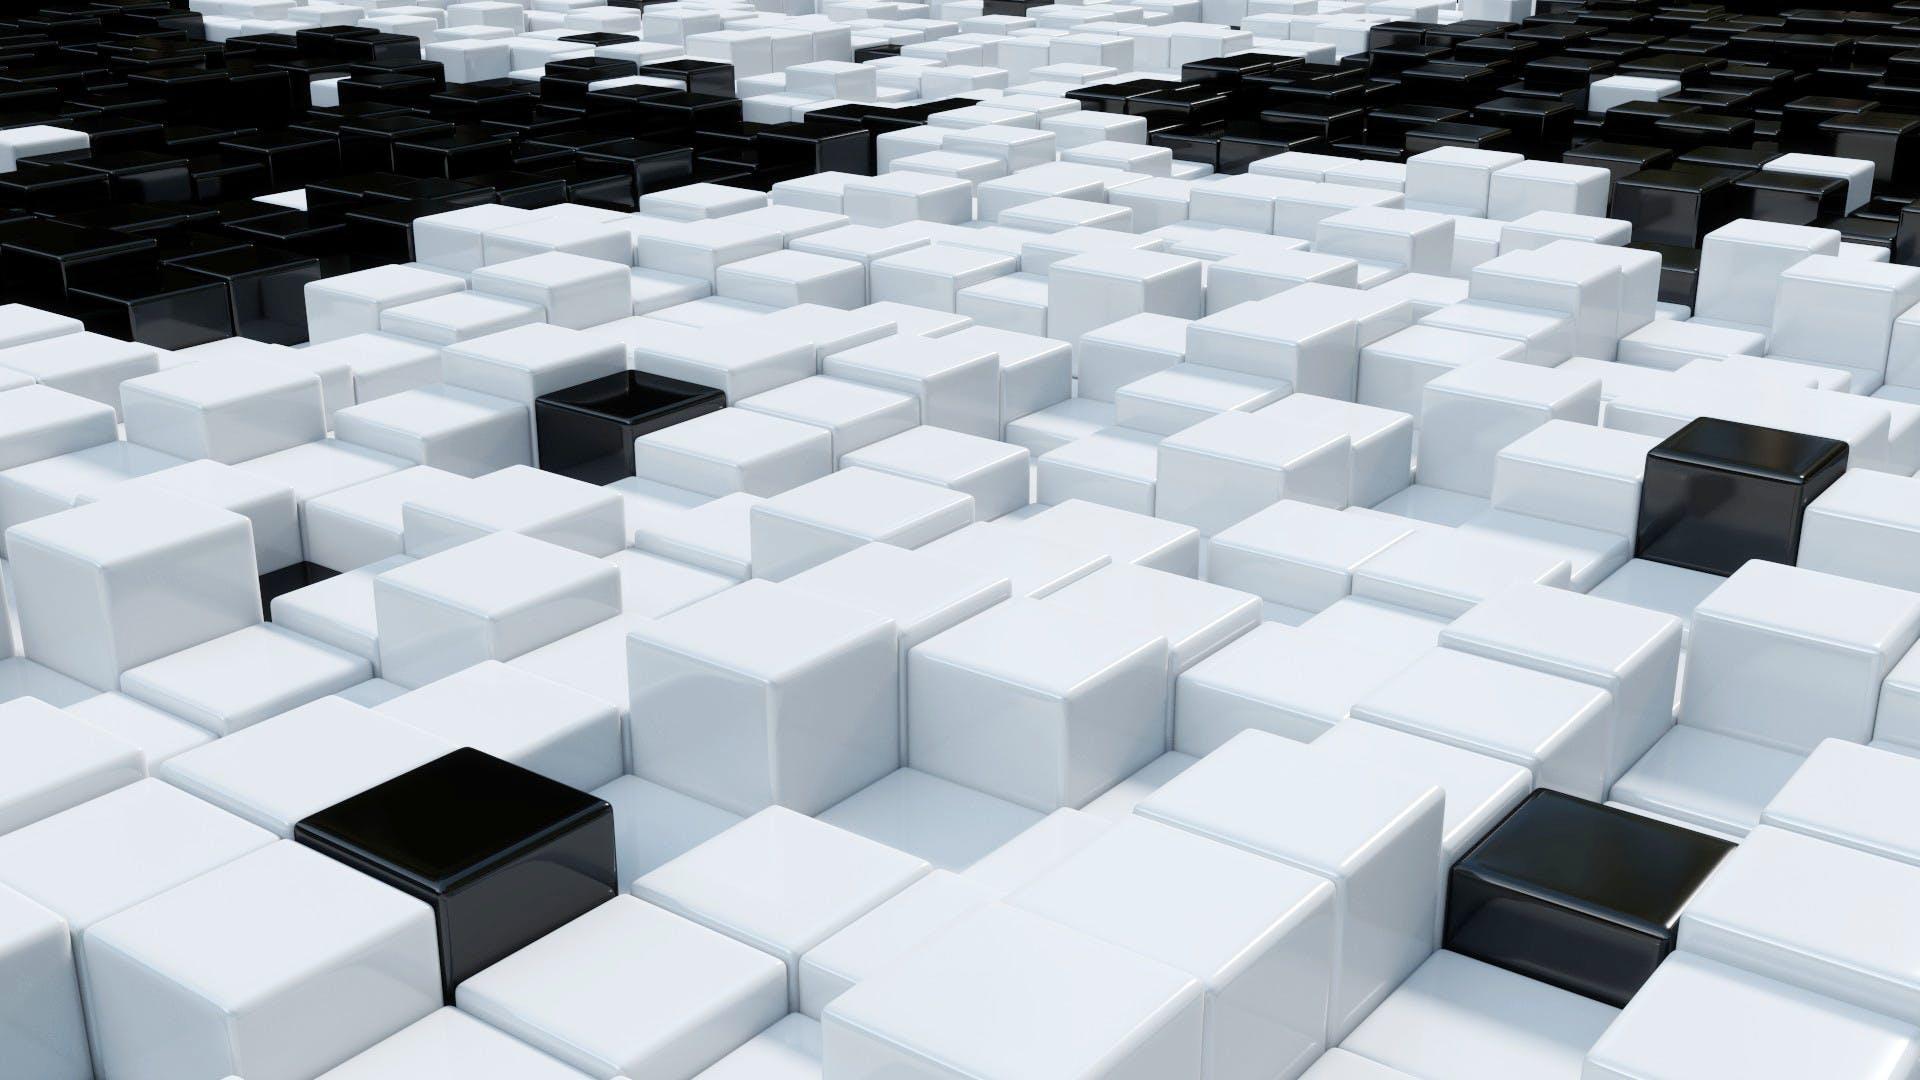 3d, cubes